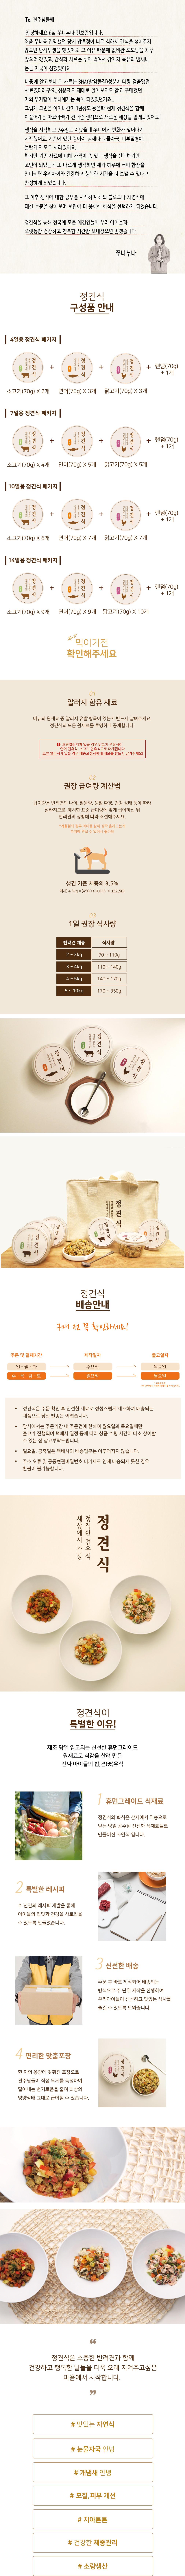 정견식 화식 반려견 수제사료 - 정견식, 5,900원, 간식/영양제, 수제간식